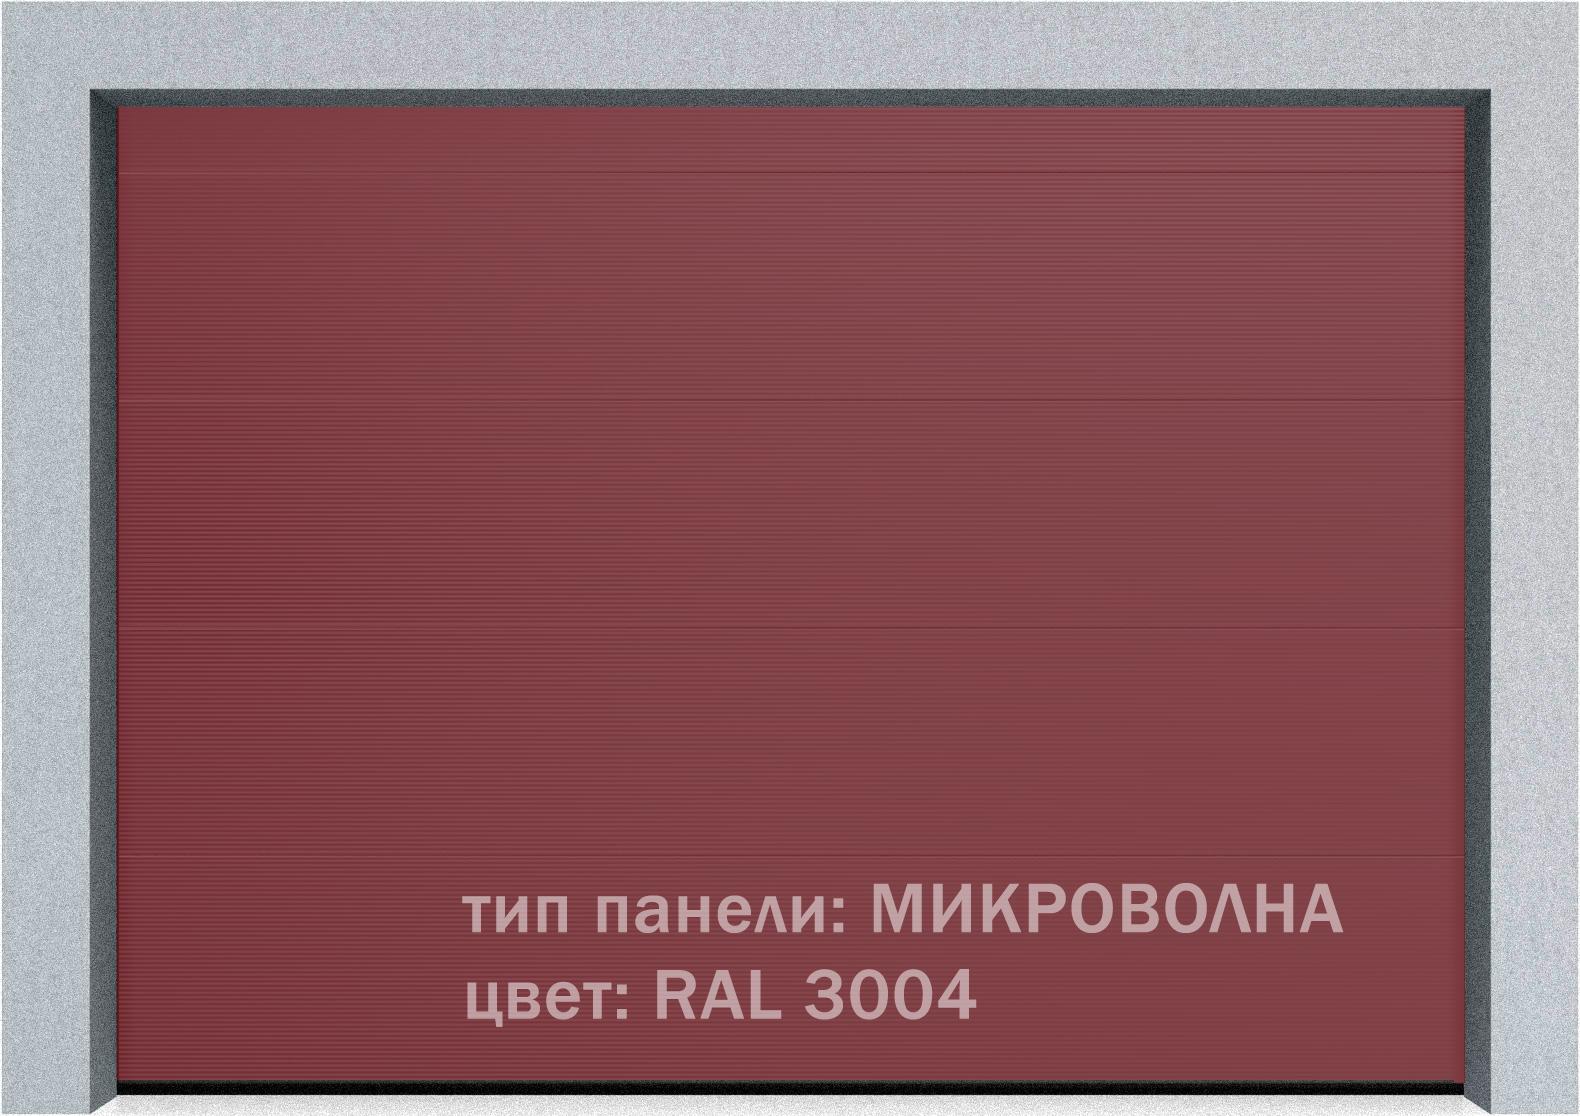 Секционные промышленные ворота Alutech ProTrend 2375х2375 S-гофр, Микроволна стандартные цвета, фото 15